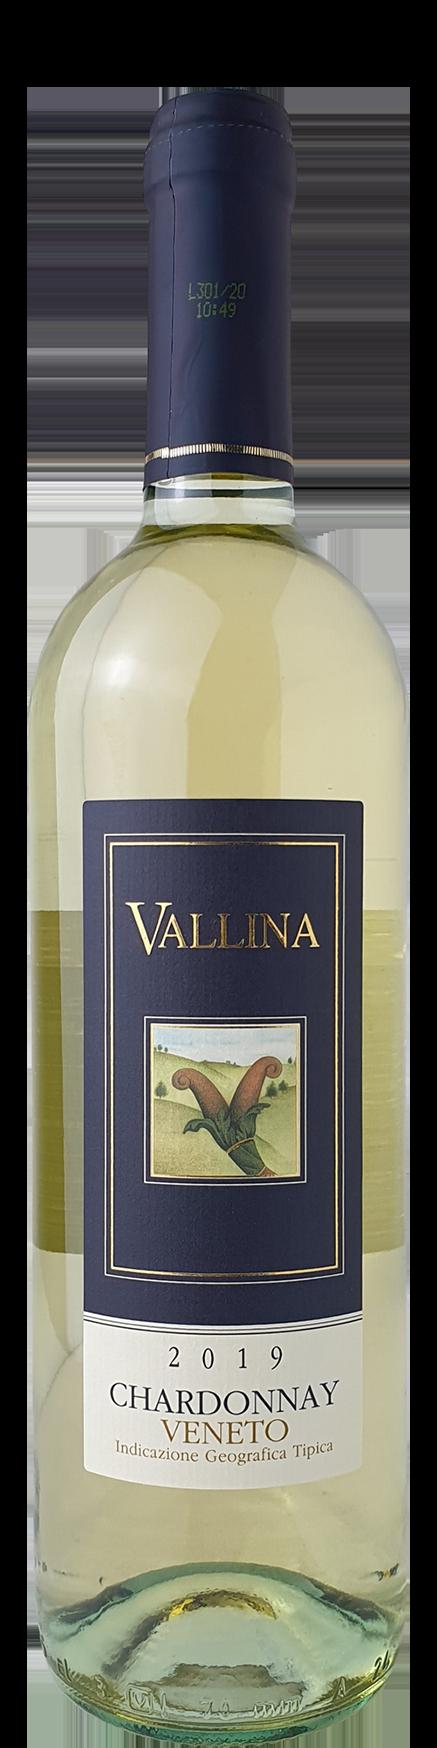 2019 Vallina Chardonnay